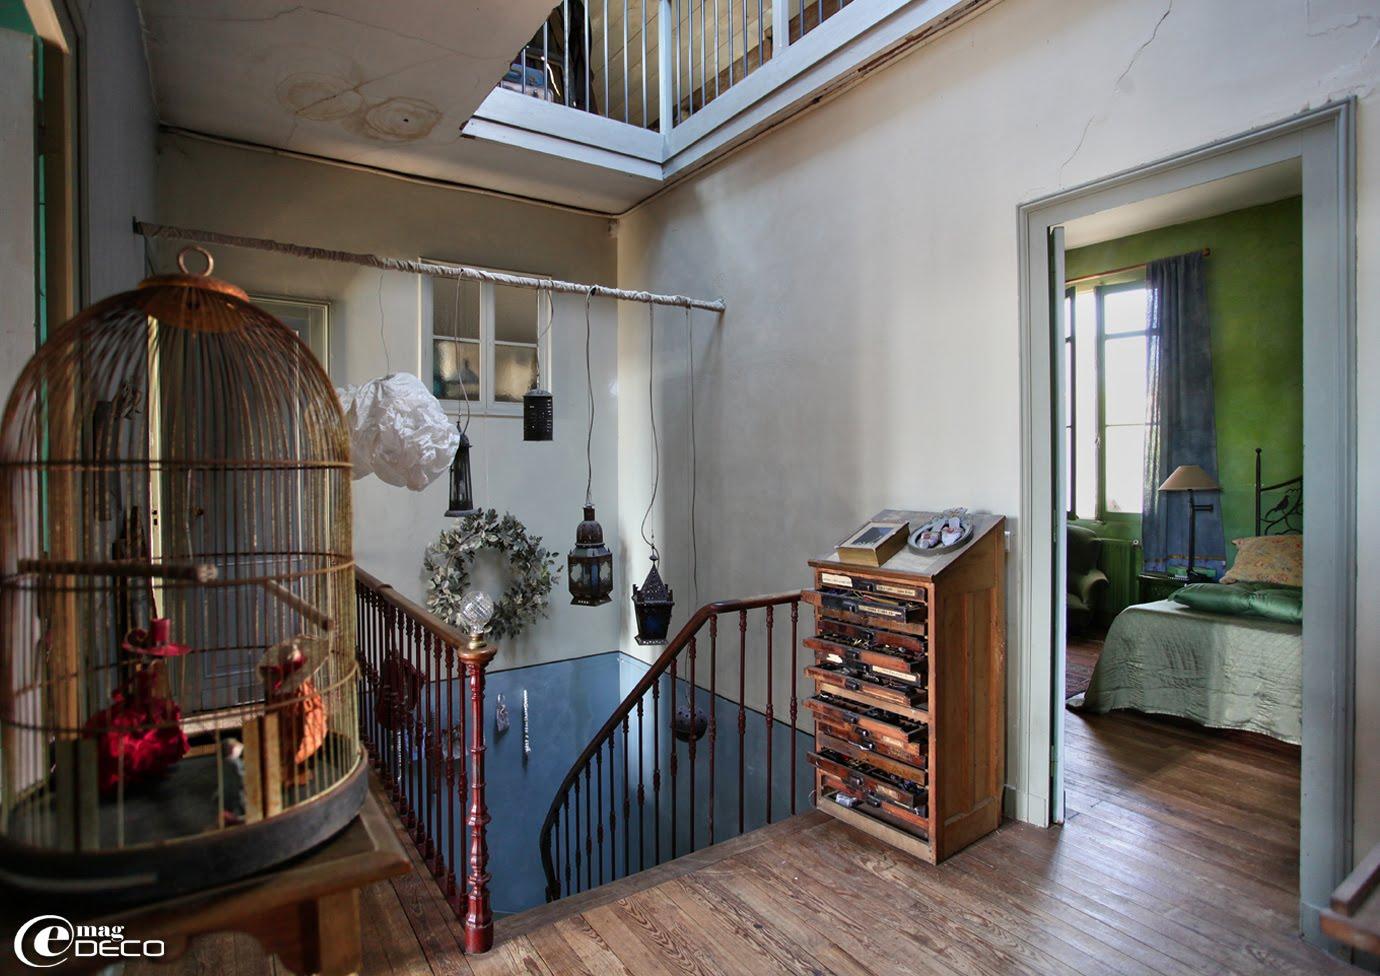 Ancien meuble d'imprimerie dans la cage d'escalier chez Miss Clara